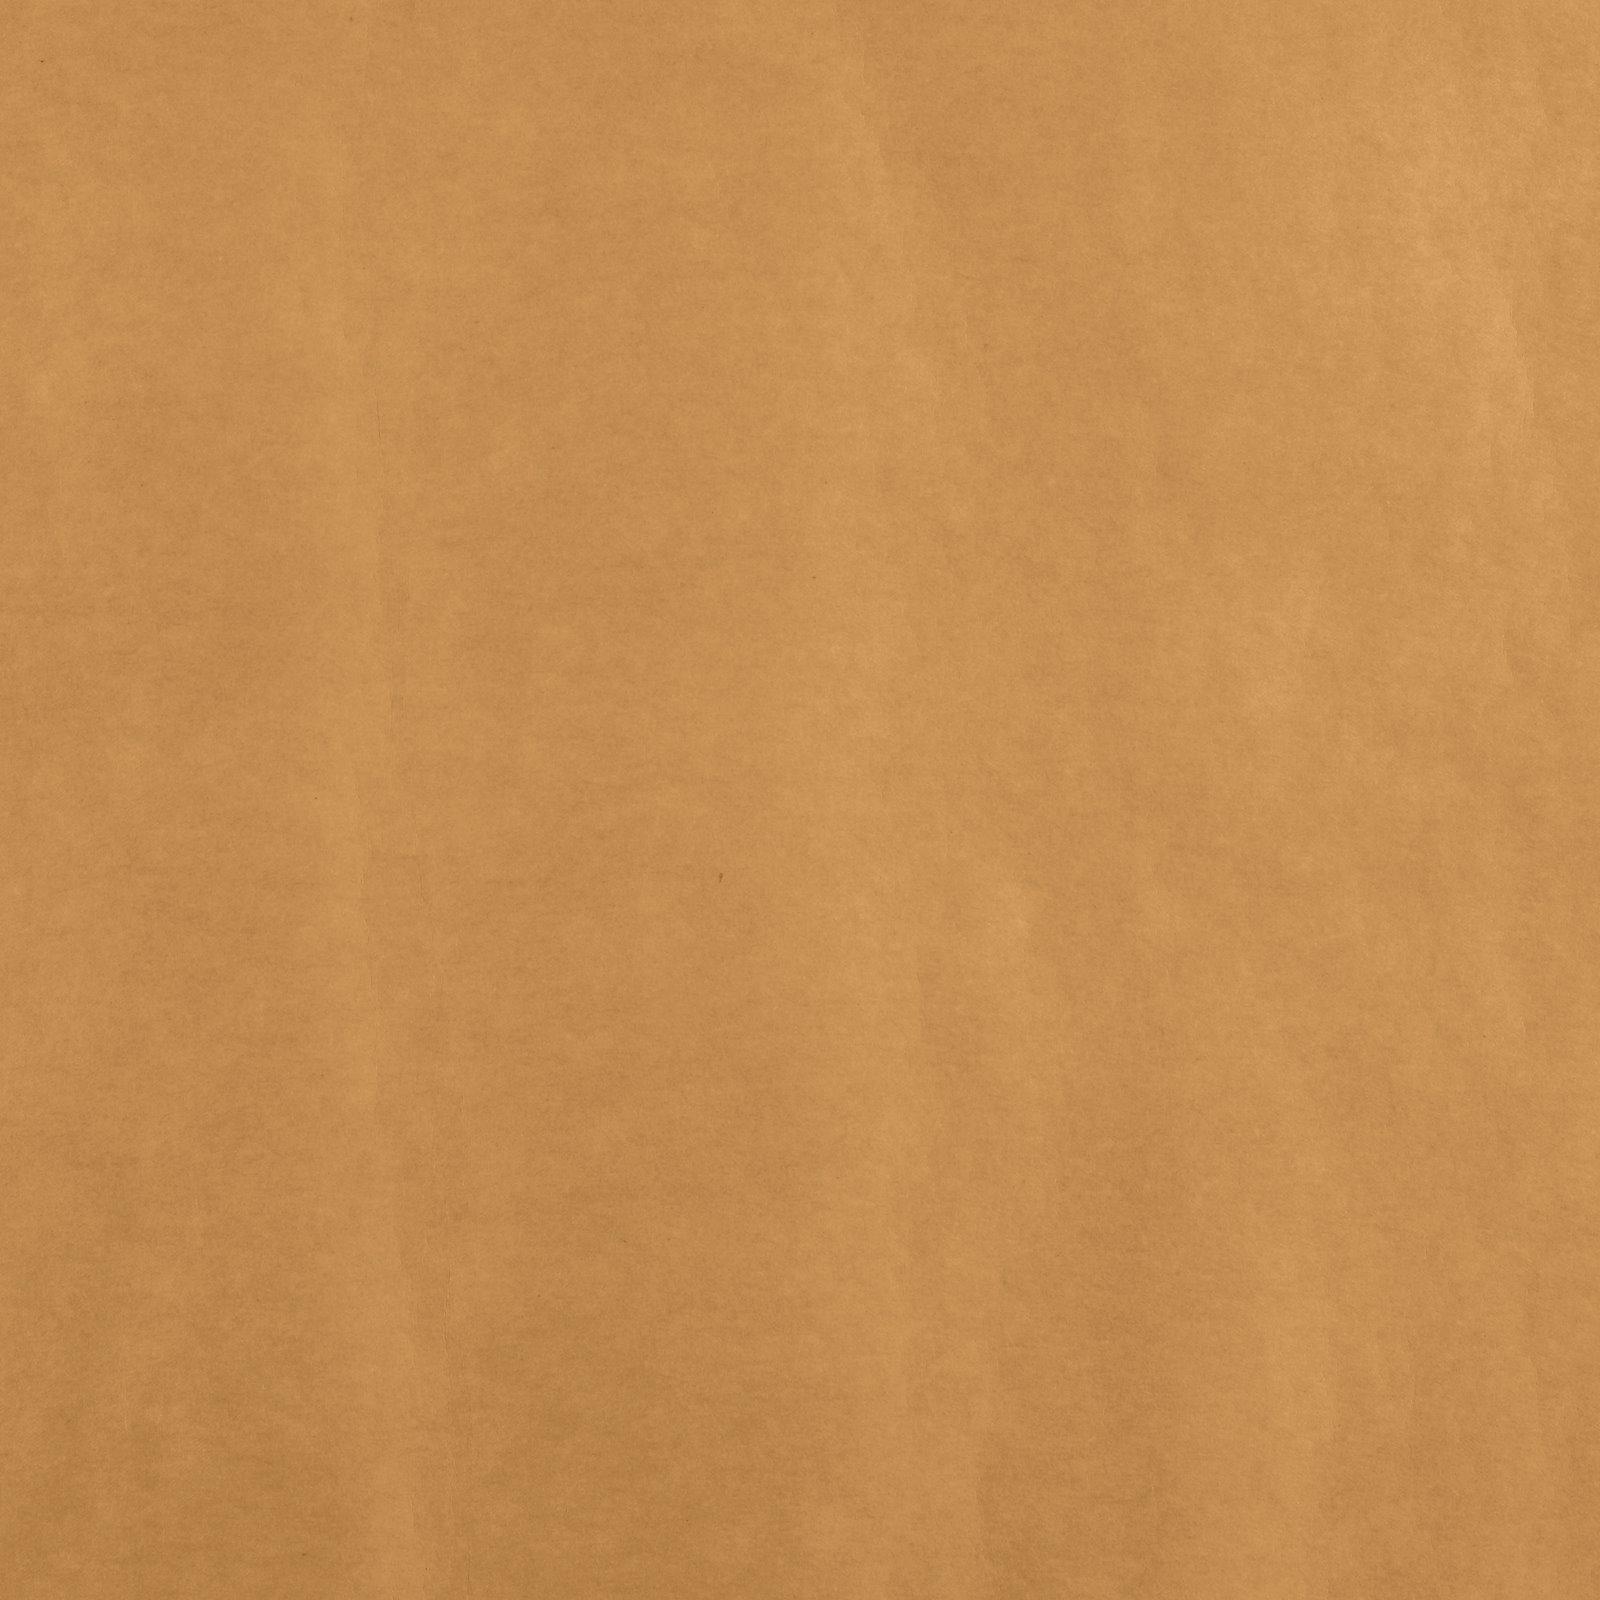 PAP FAB Cognac, 75x100 cm